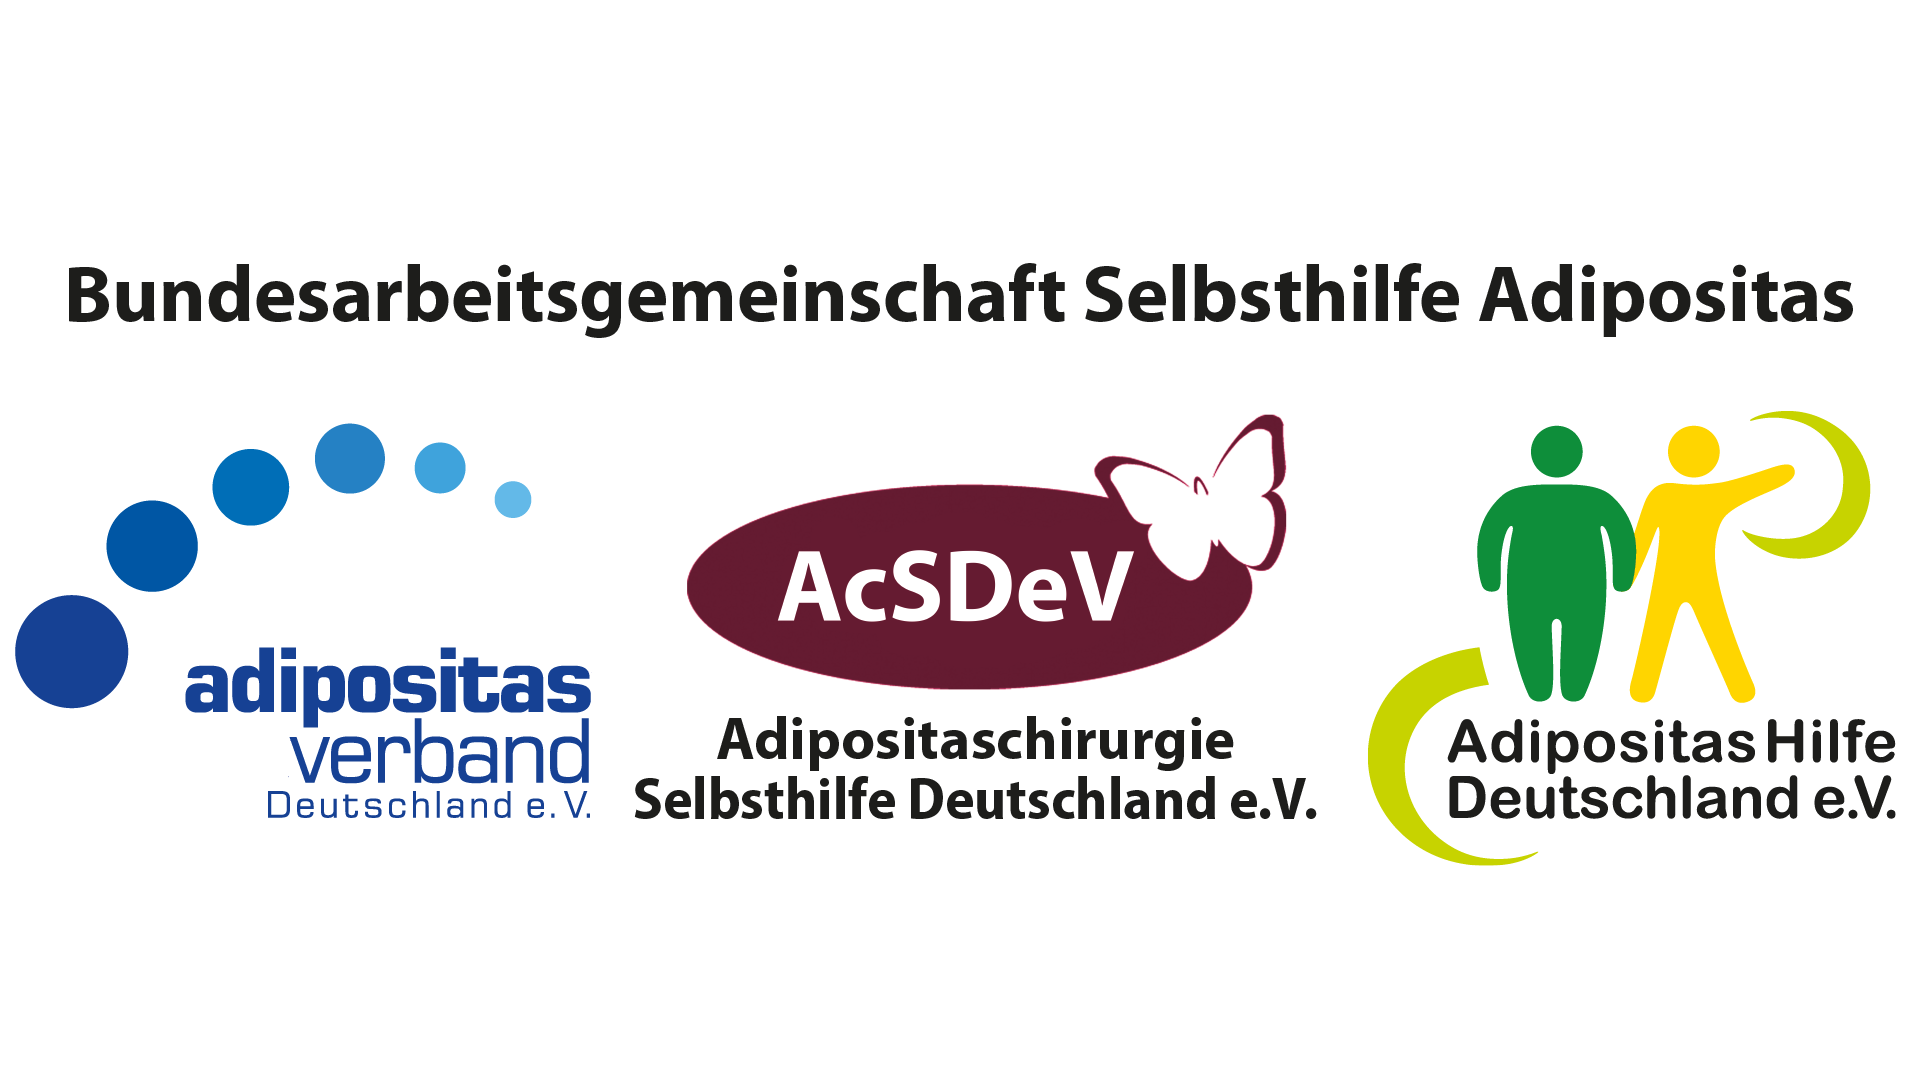 1. Forum für Adipositas-Selbsthilfegruppenleitungen @ Hotel Scirocco